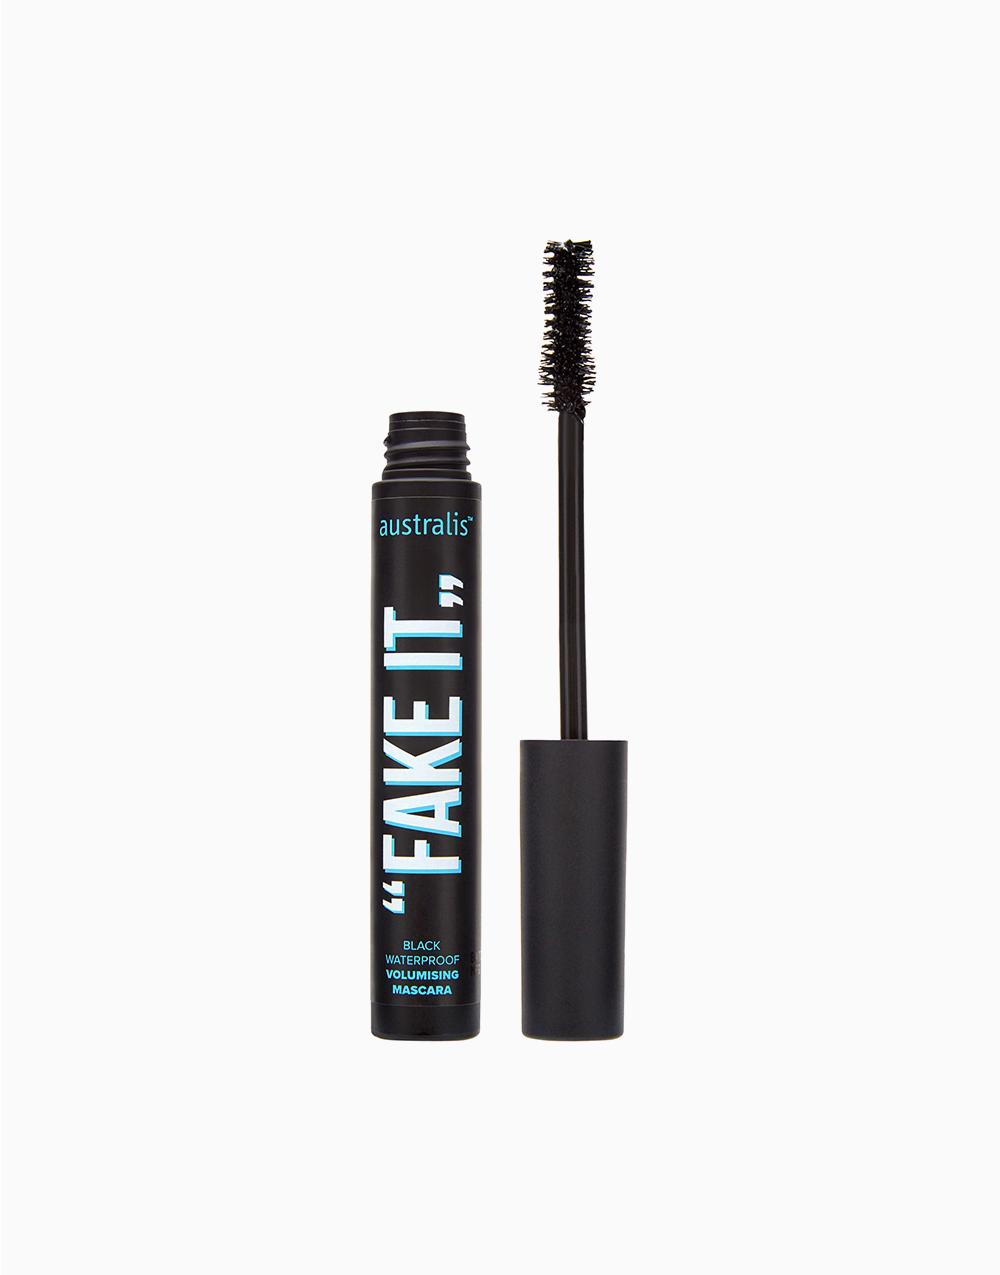 Fake It! Volumizing Mascara Waterproof by Australis | Black